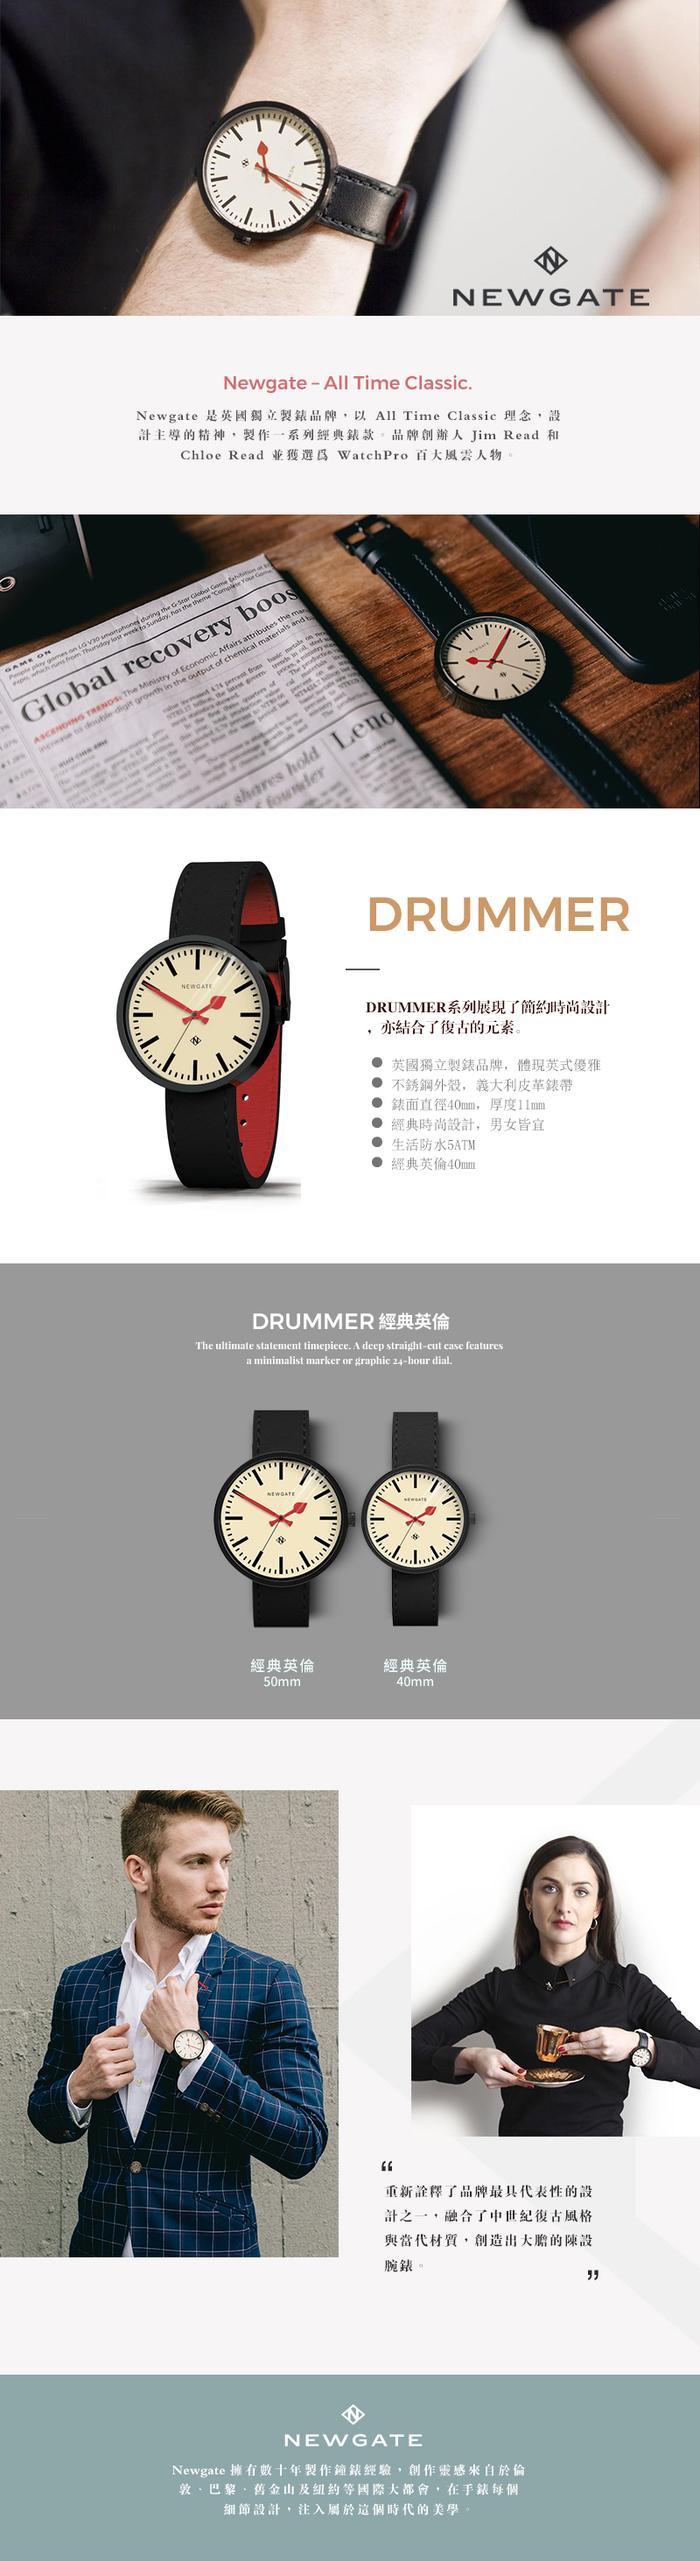 (複製)Newgate|DRUMMER-經典英倫-義大利皮革錶帶-50mm